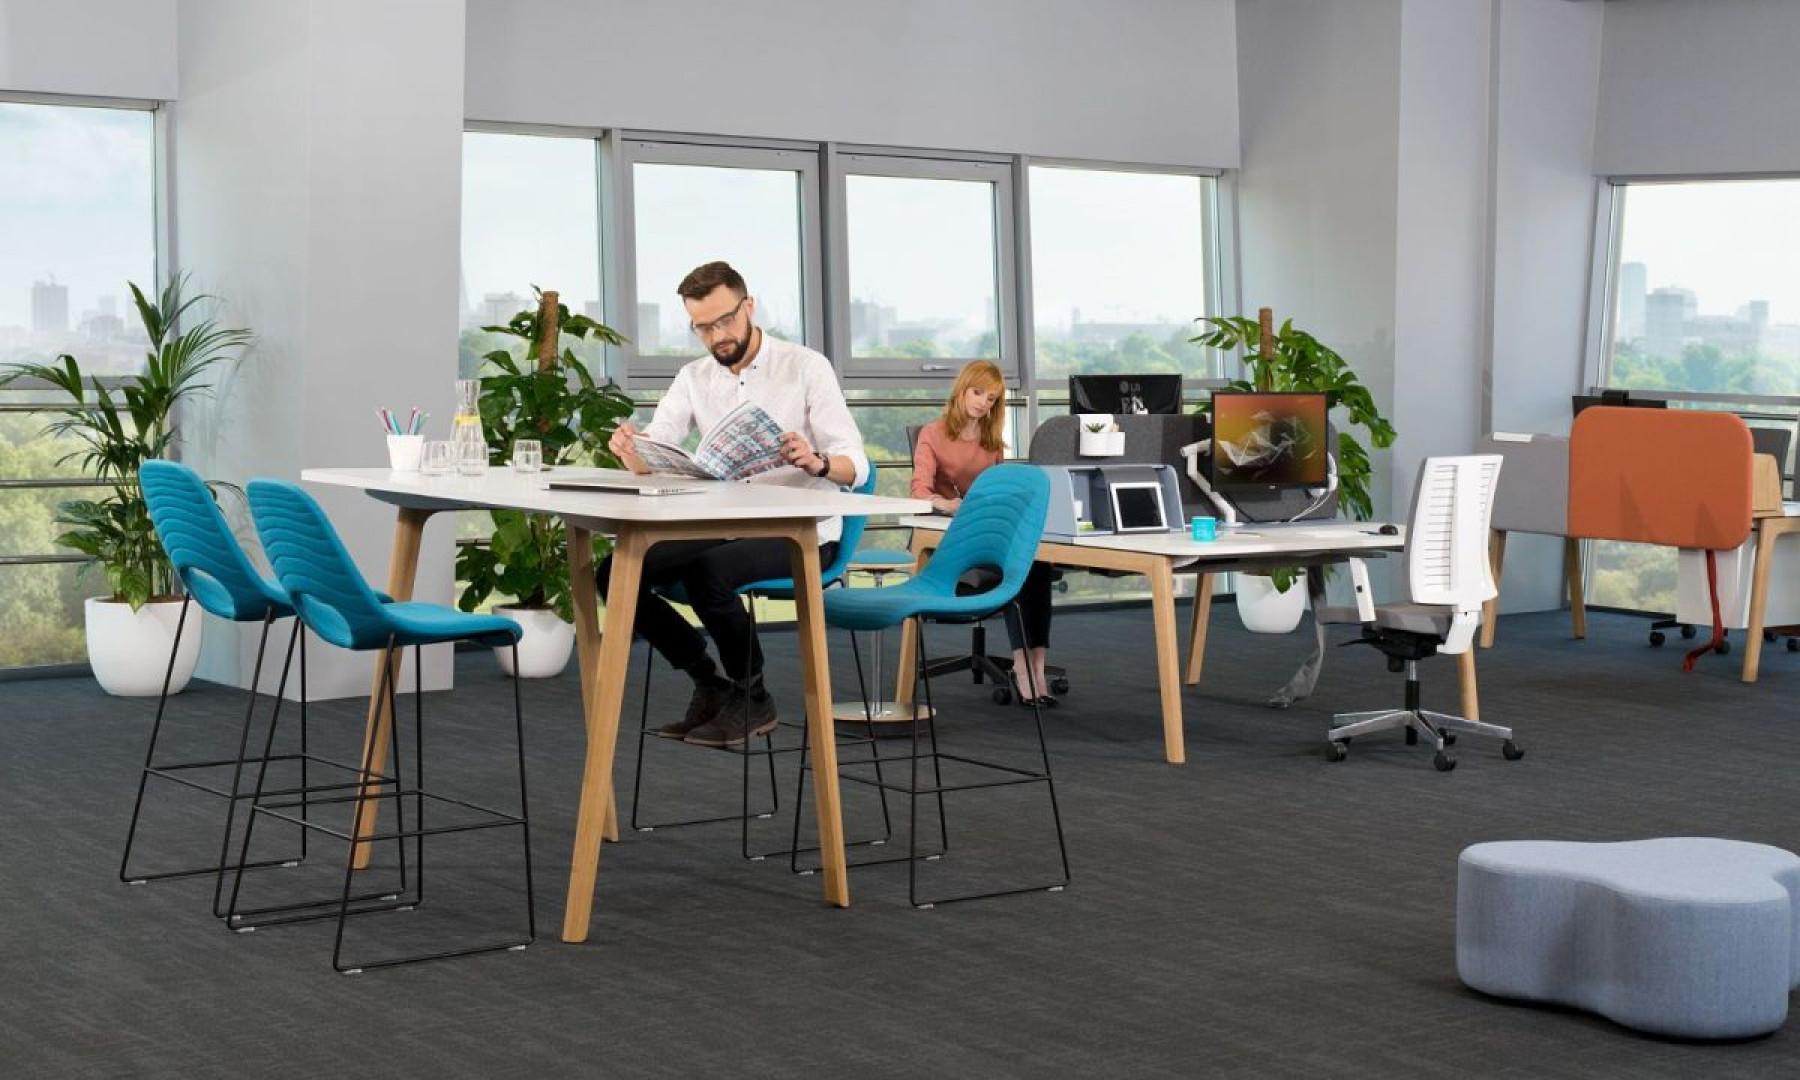 Kolekcja mebli biurowych Grupy Nowy Styl. Dystrybucja: Everspace. Fot. Grupa Nowy Styl